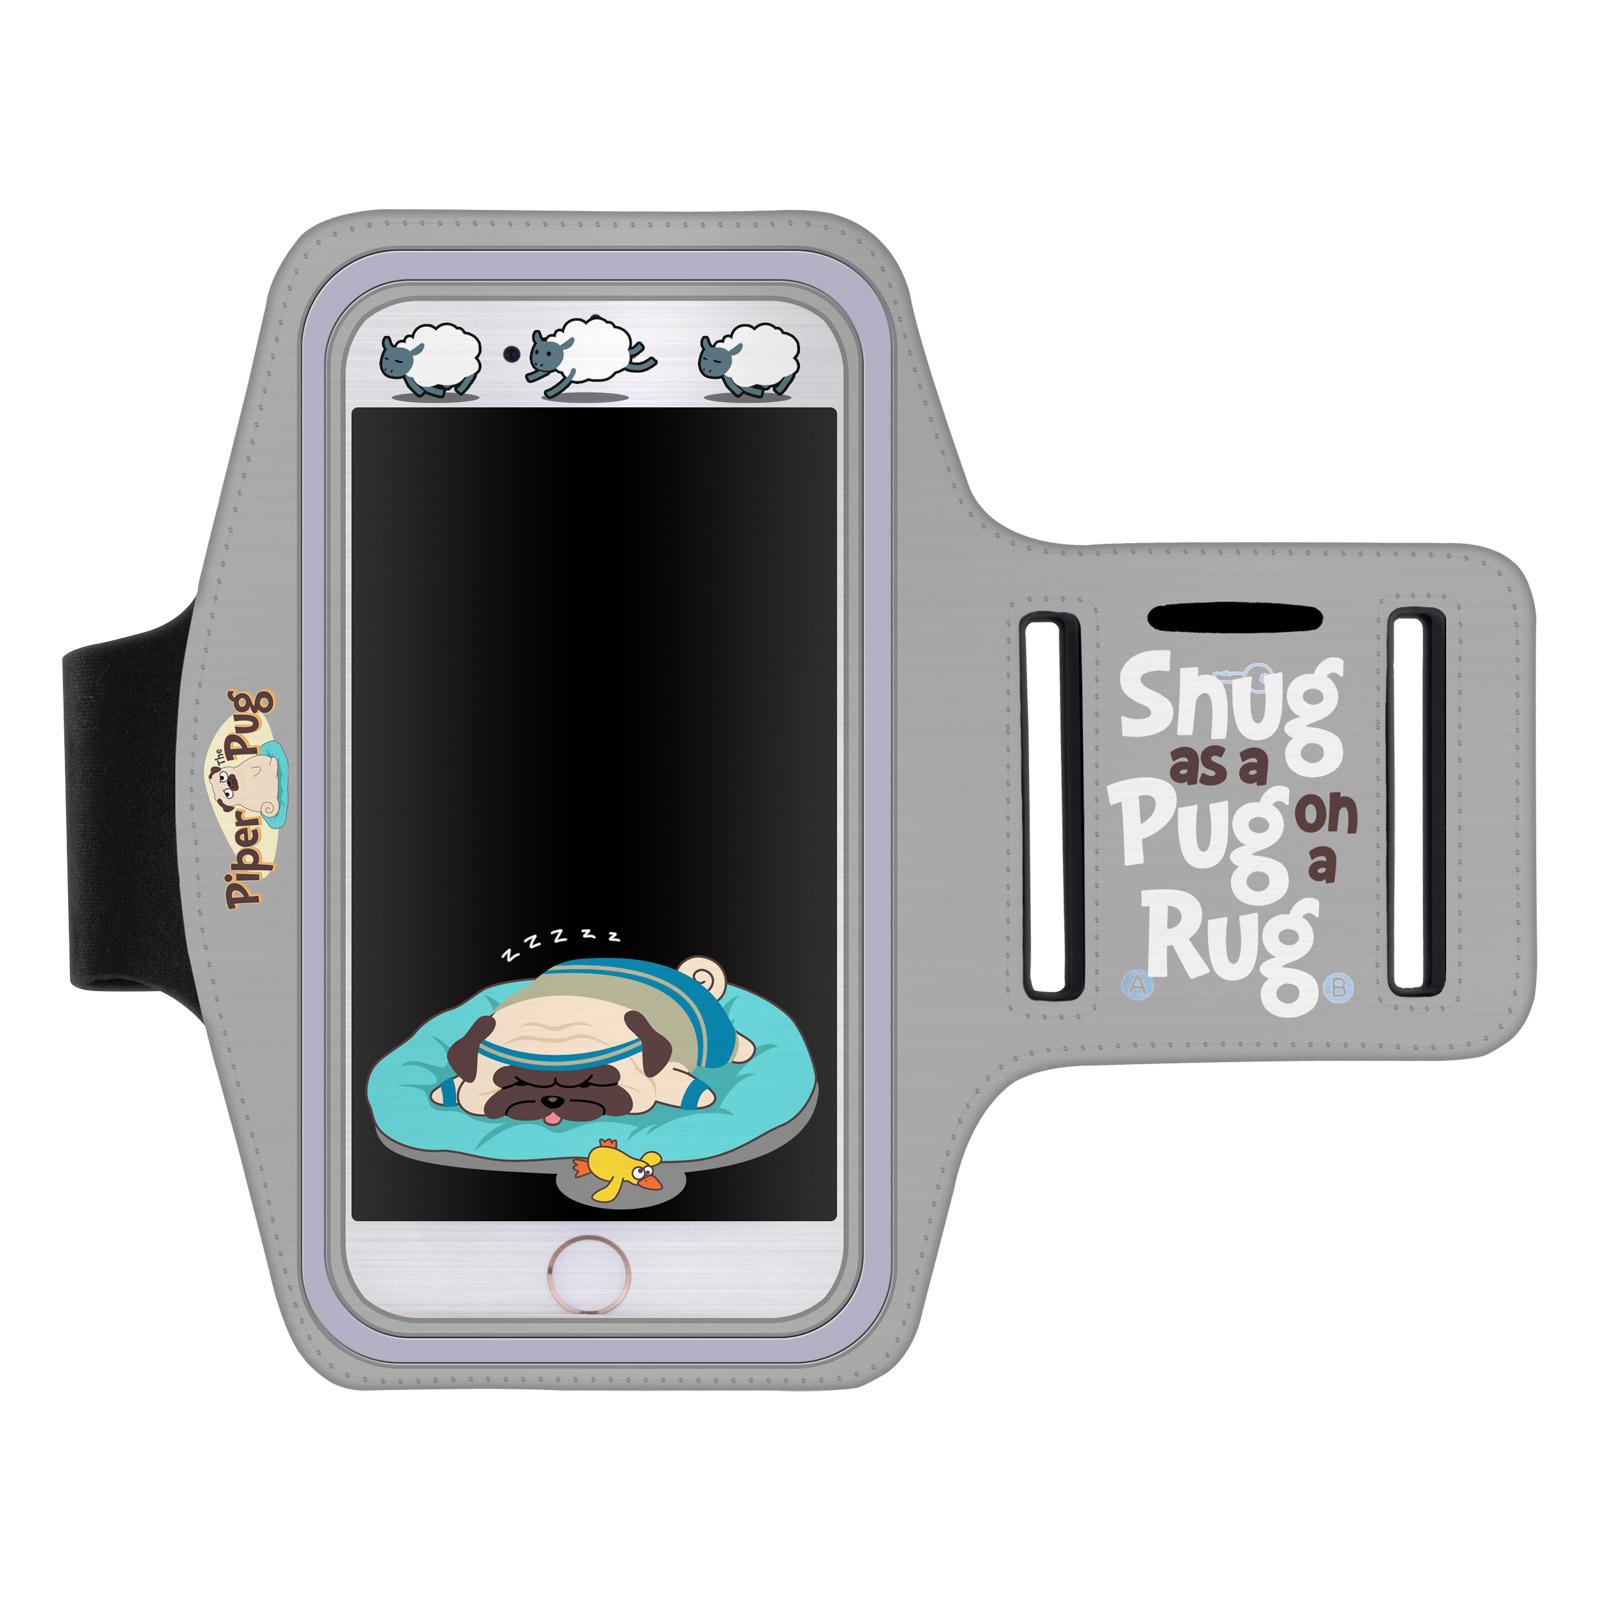 """Sportovní pouzdro mopsík a ovečky pro mobily do 5,5"""" iPhone 6 Plus/ S7 Edge šedé (Pouzdro na běhání pro mobilní telefony do 5,5 palců)"""